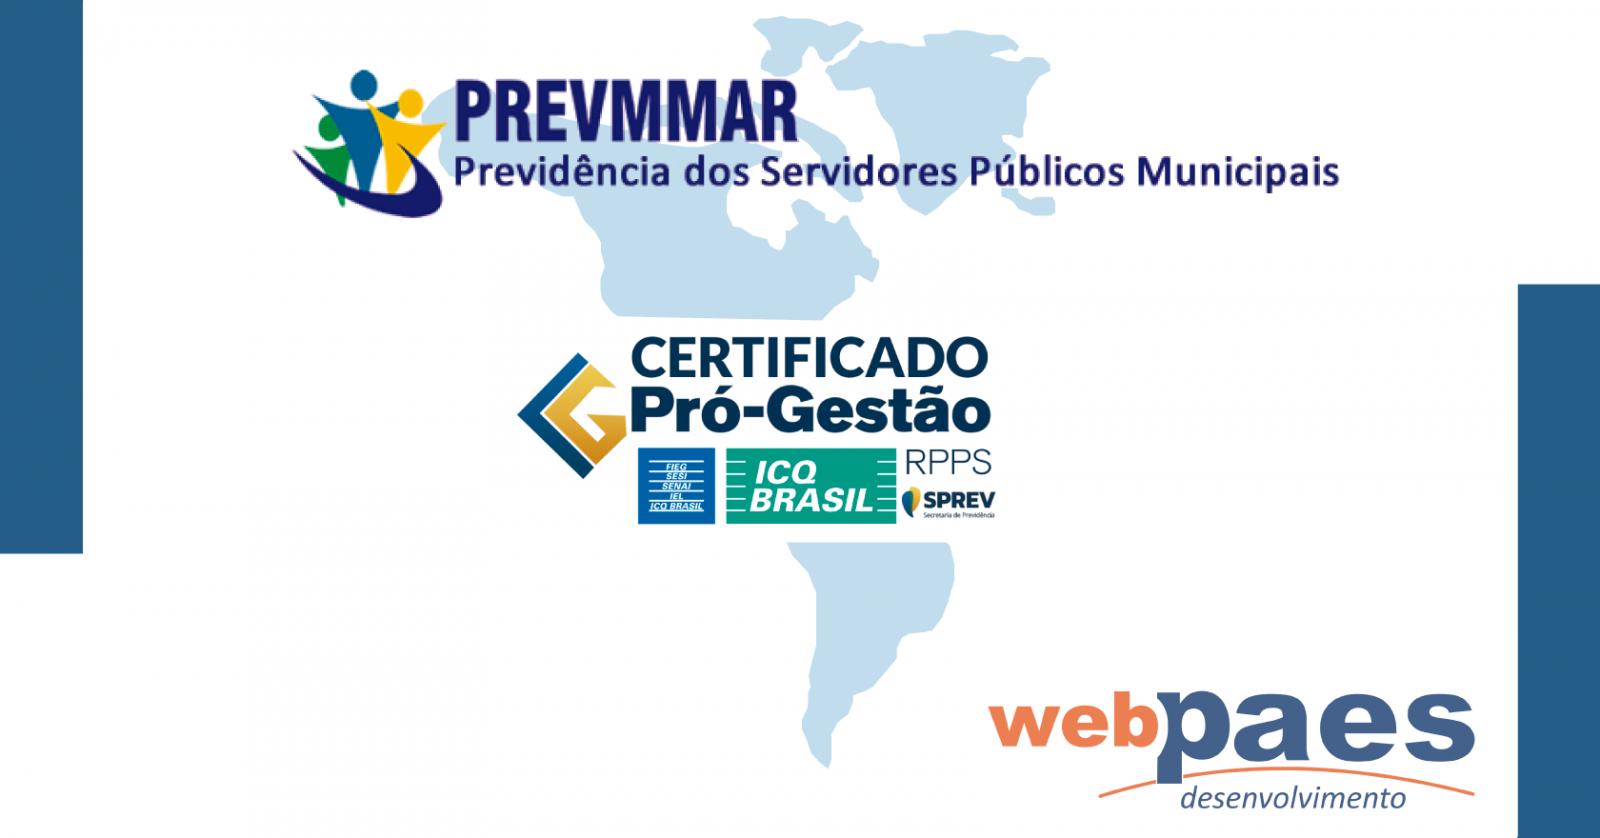 Prevmmar, da cidade de Maracaju-MS obtém certificação Pró-Gestão I